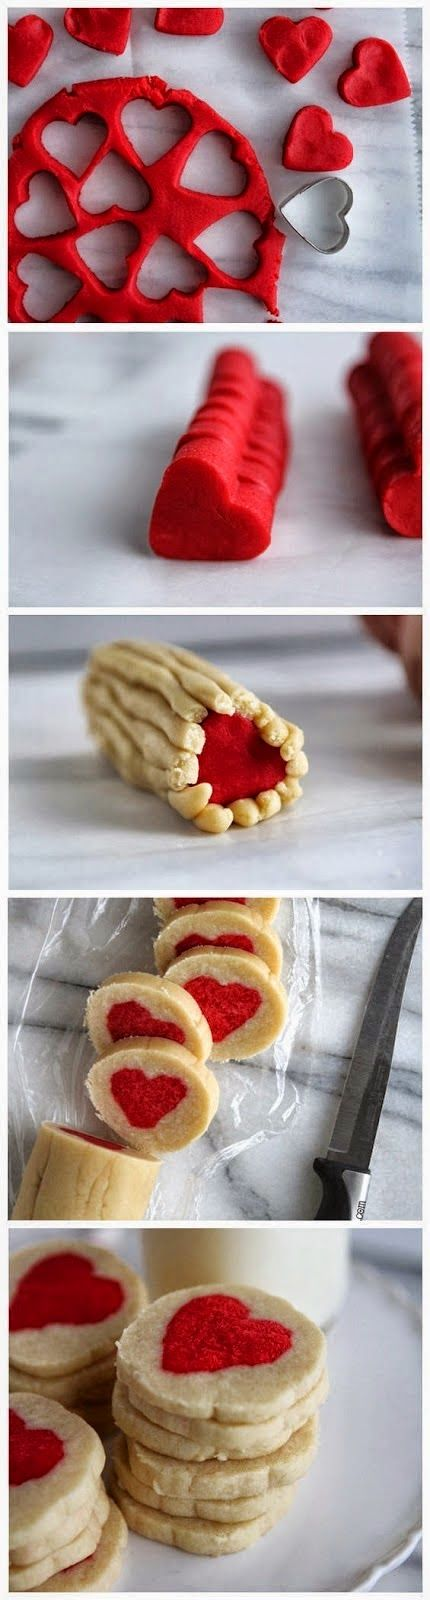 How To Make Slice n' Bake Valentine Heart Cookies | Food Blog